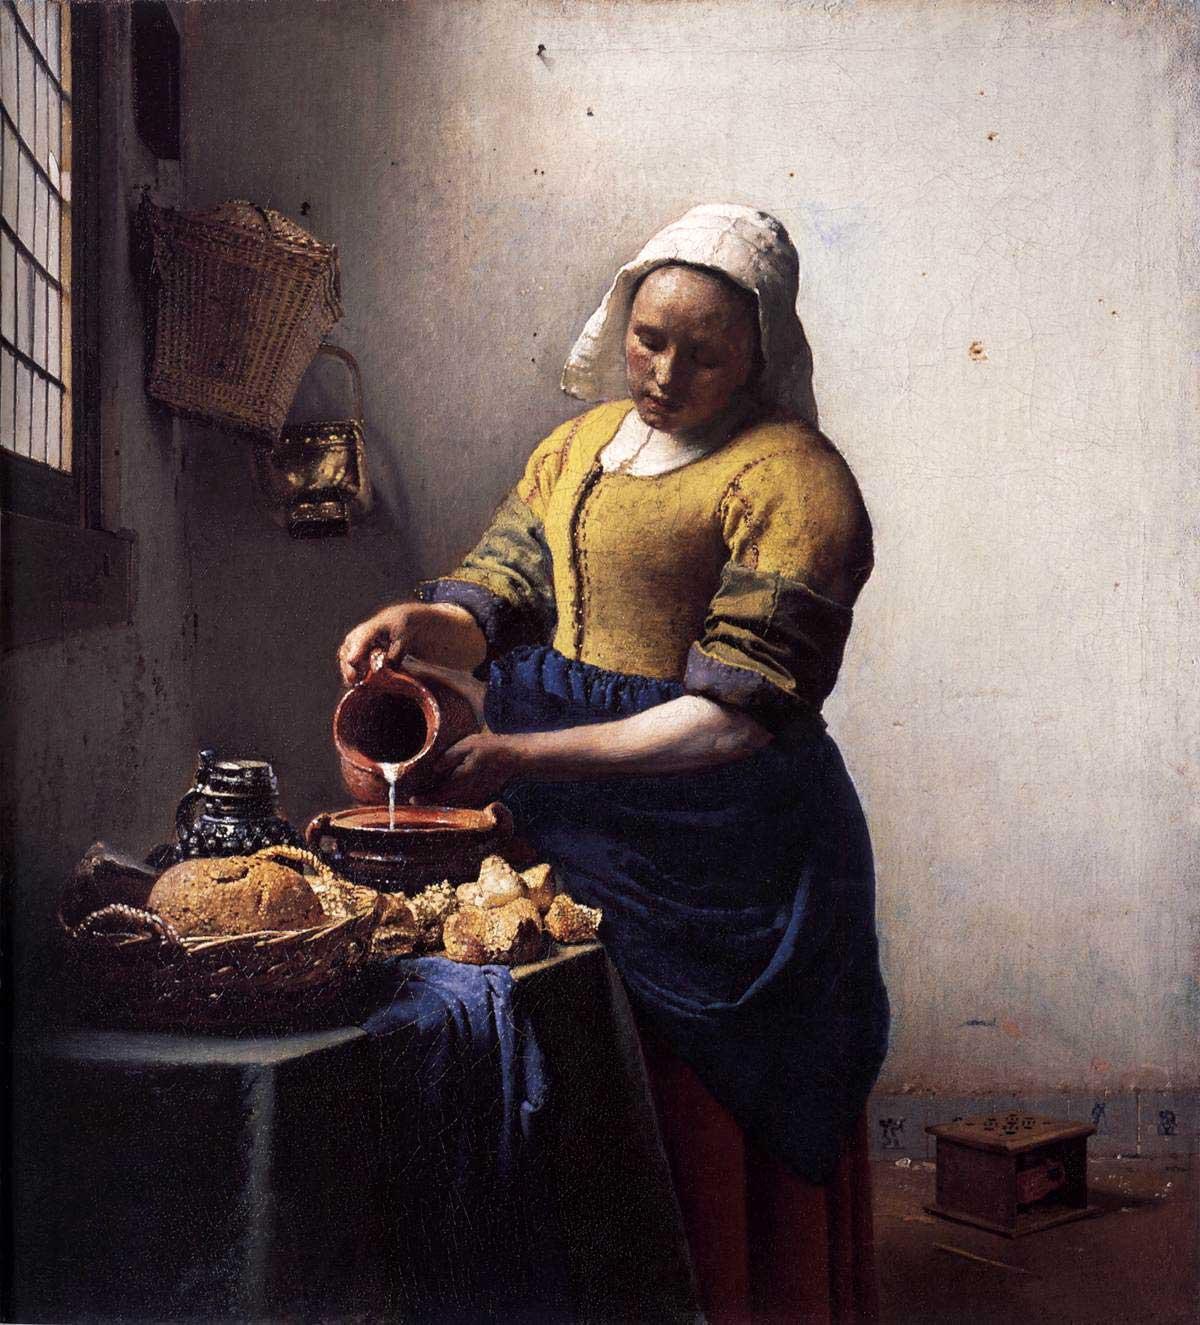 Молочница, Ян Вермеер Делфтский, 1658